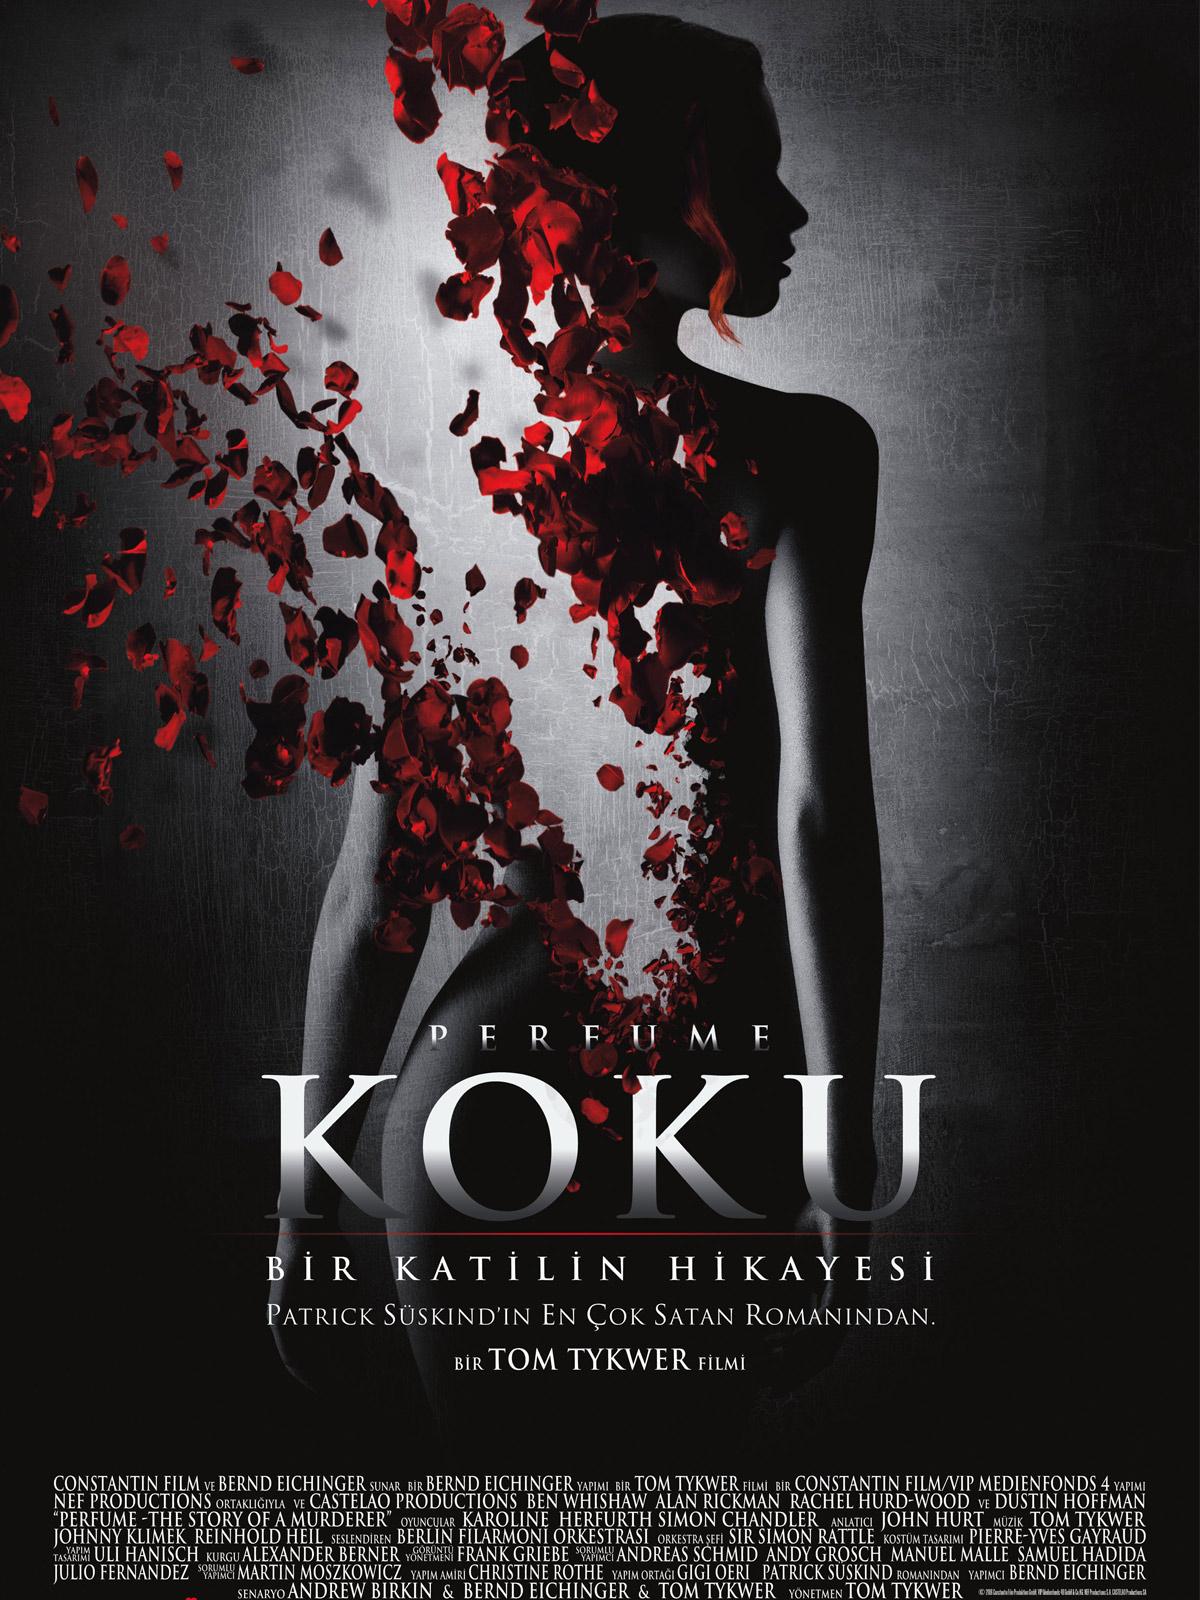 Koku: Bir Katilin Hikayesi - film 2006 - Beyazperde.com